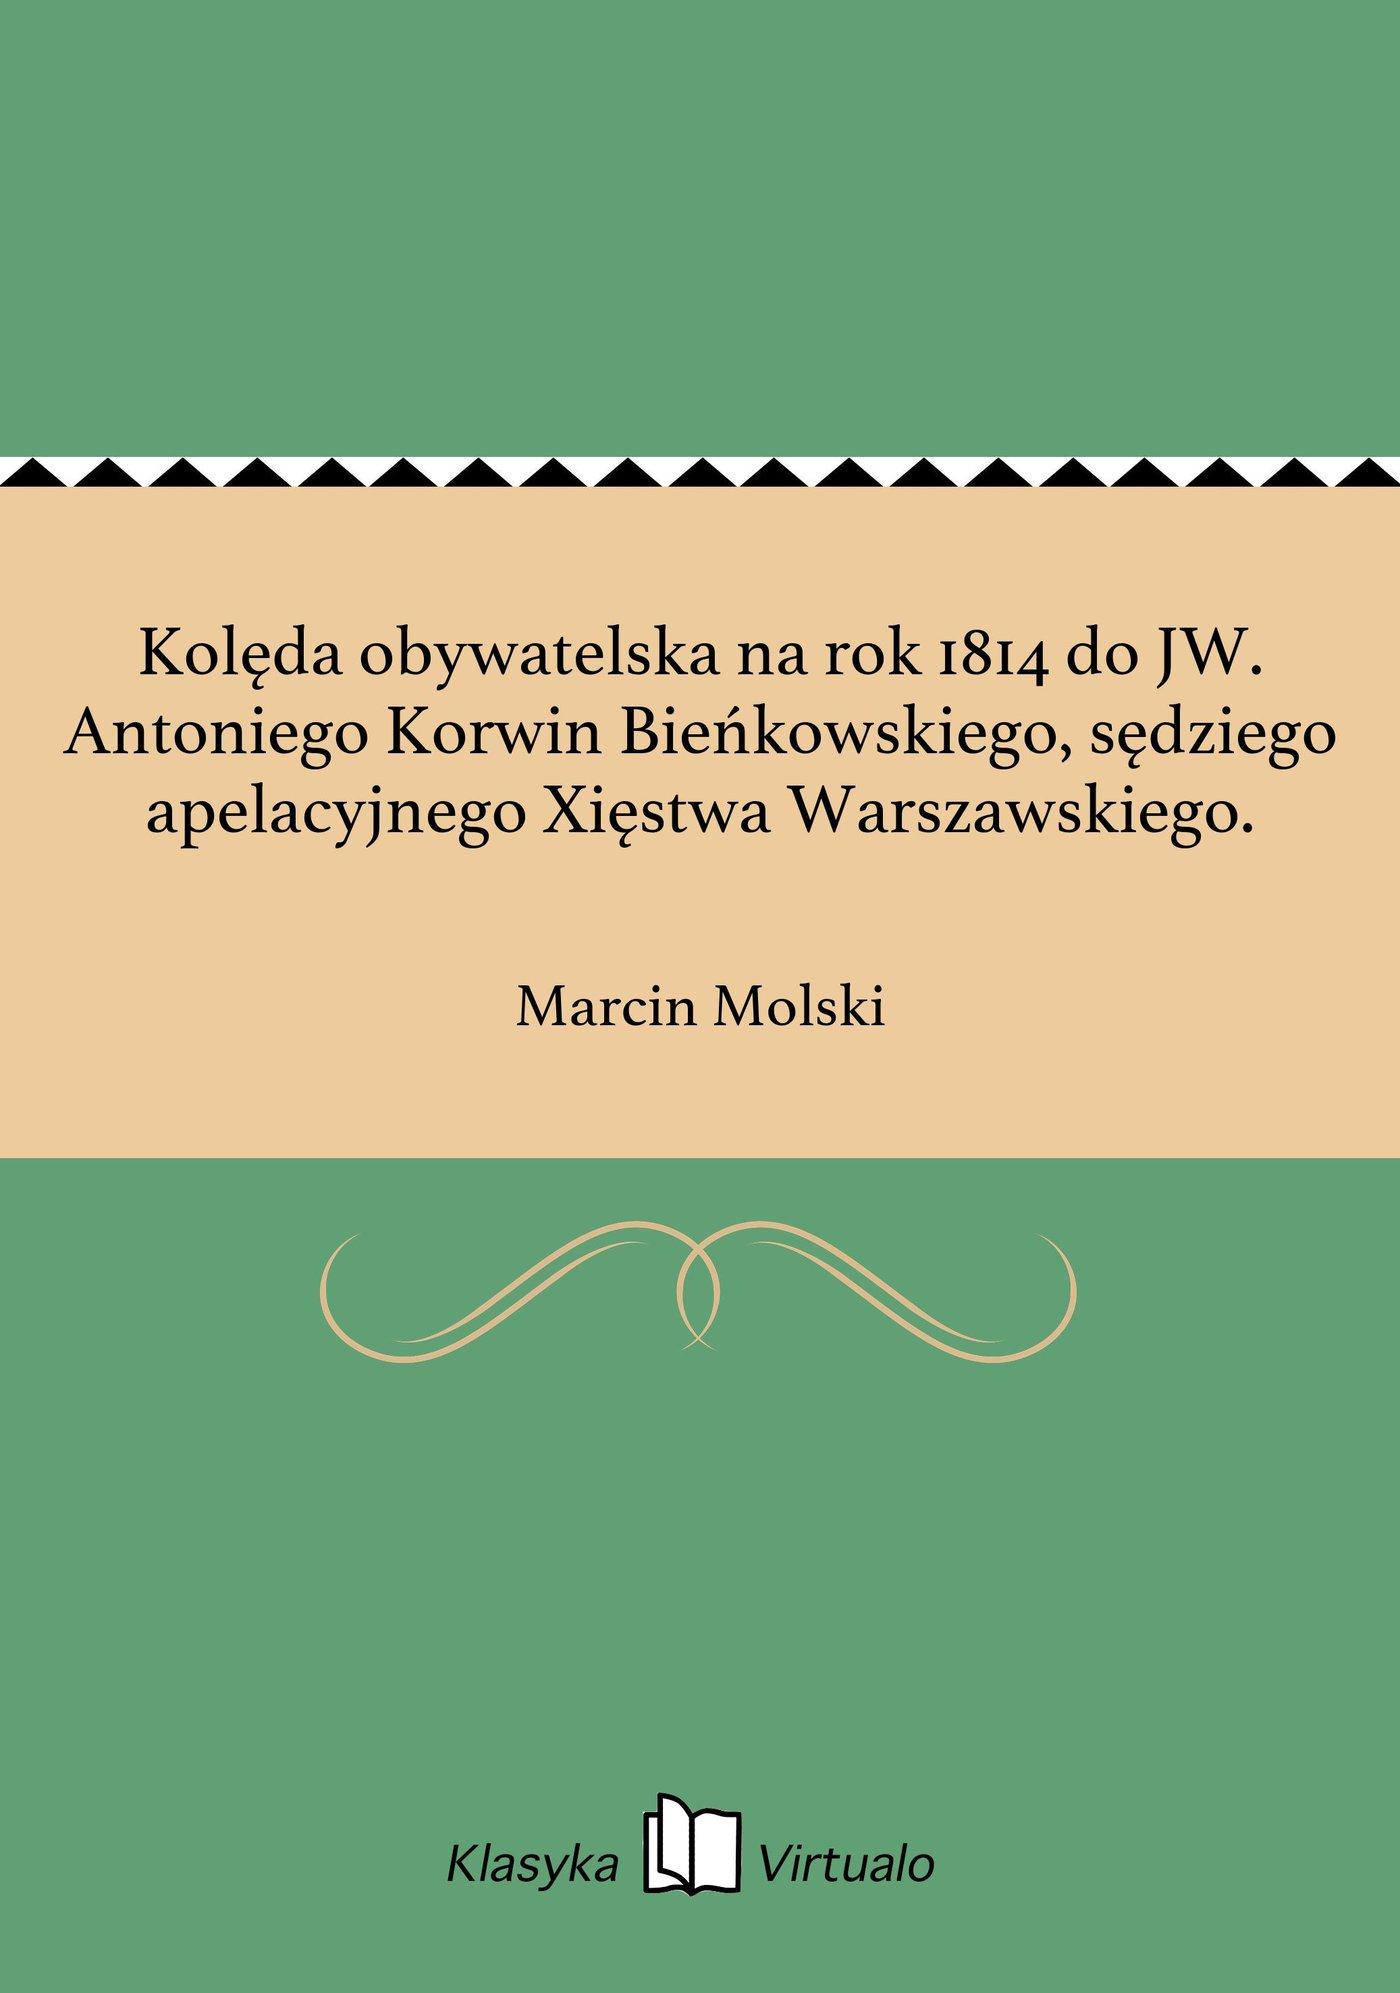 Kolęda obywatelska na rok 1814 do JW. Antoniego Korwin Bieńkowskiego, sędziego apelacyjnego Xięstwa Warszawskiego. - Ebook (Książka EPUB) do pobrania w formacie EPUB